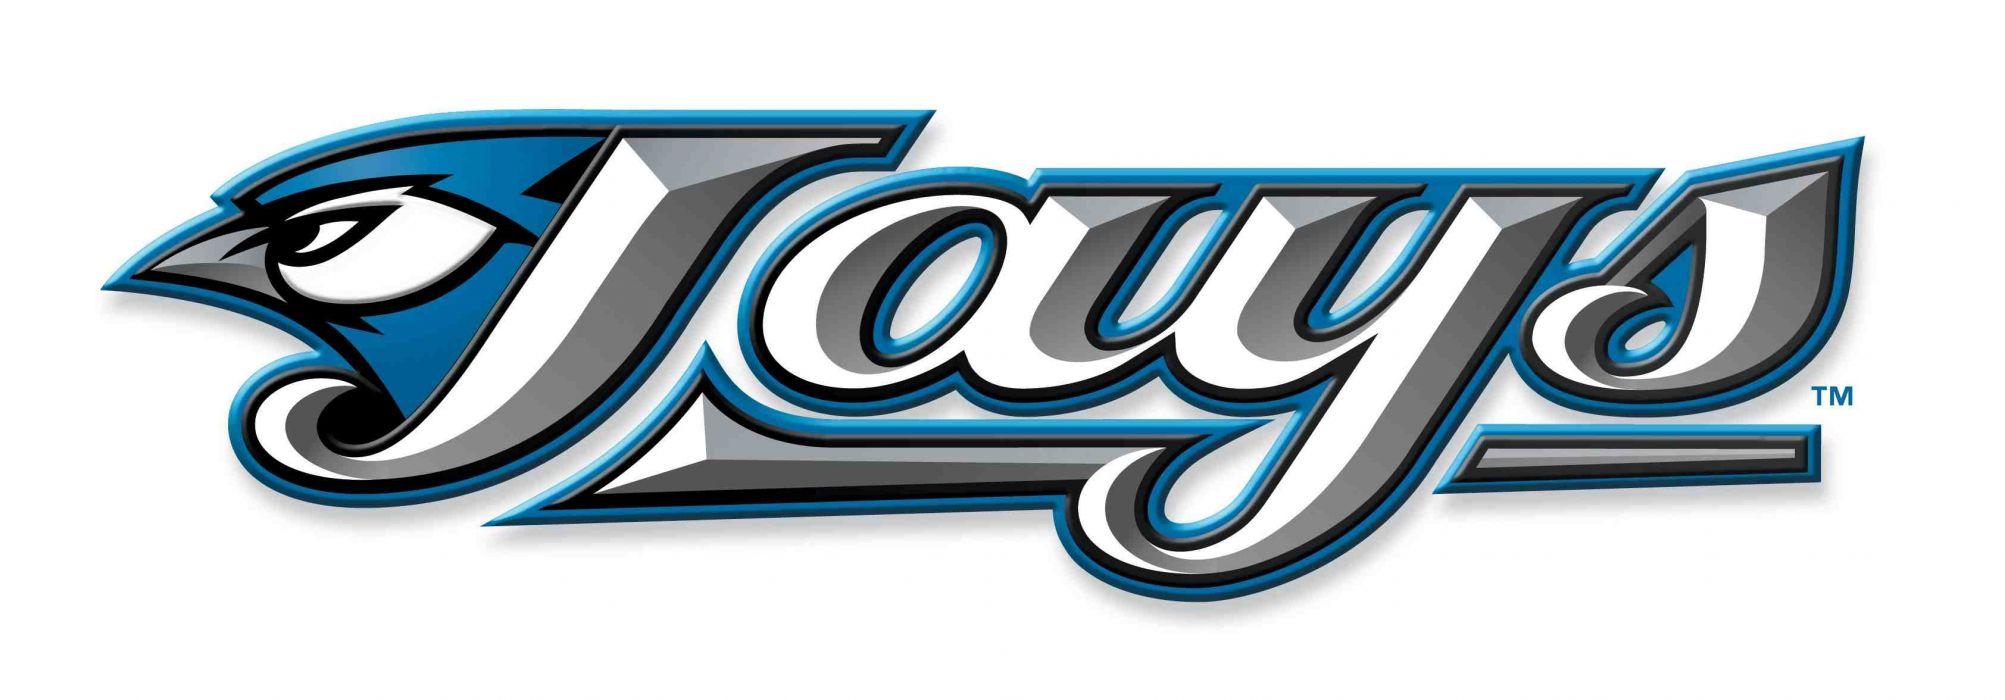 TORONTO BLUE JAYS mlb baseball (12) wallpaper